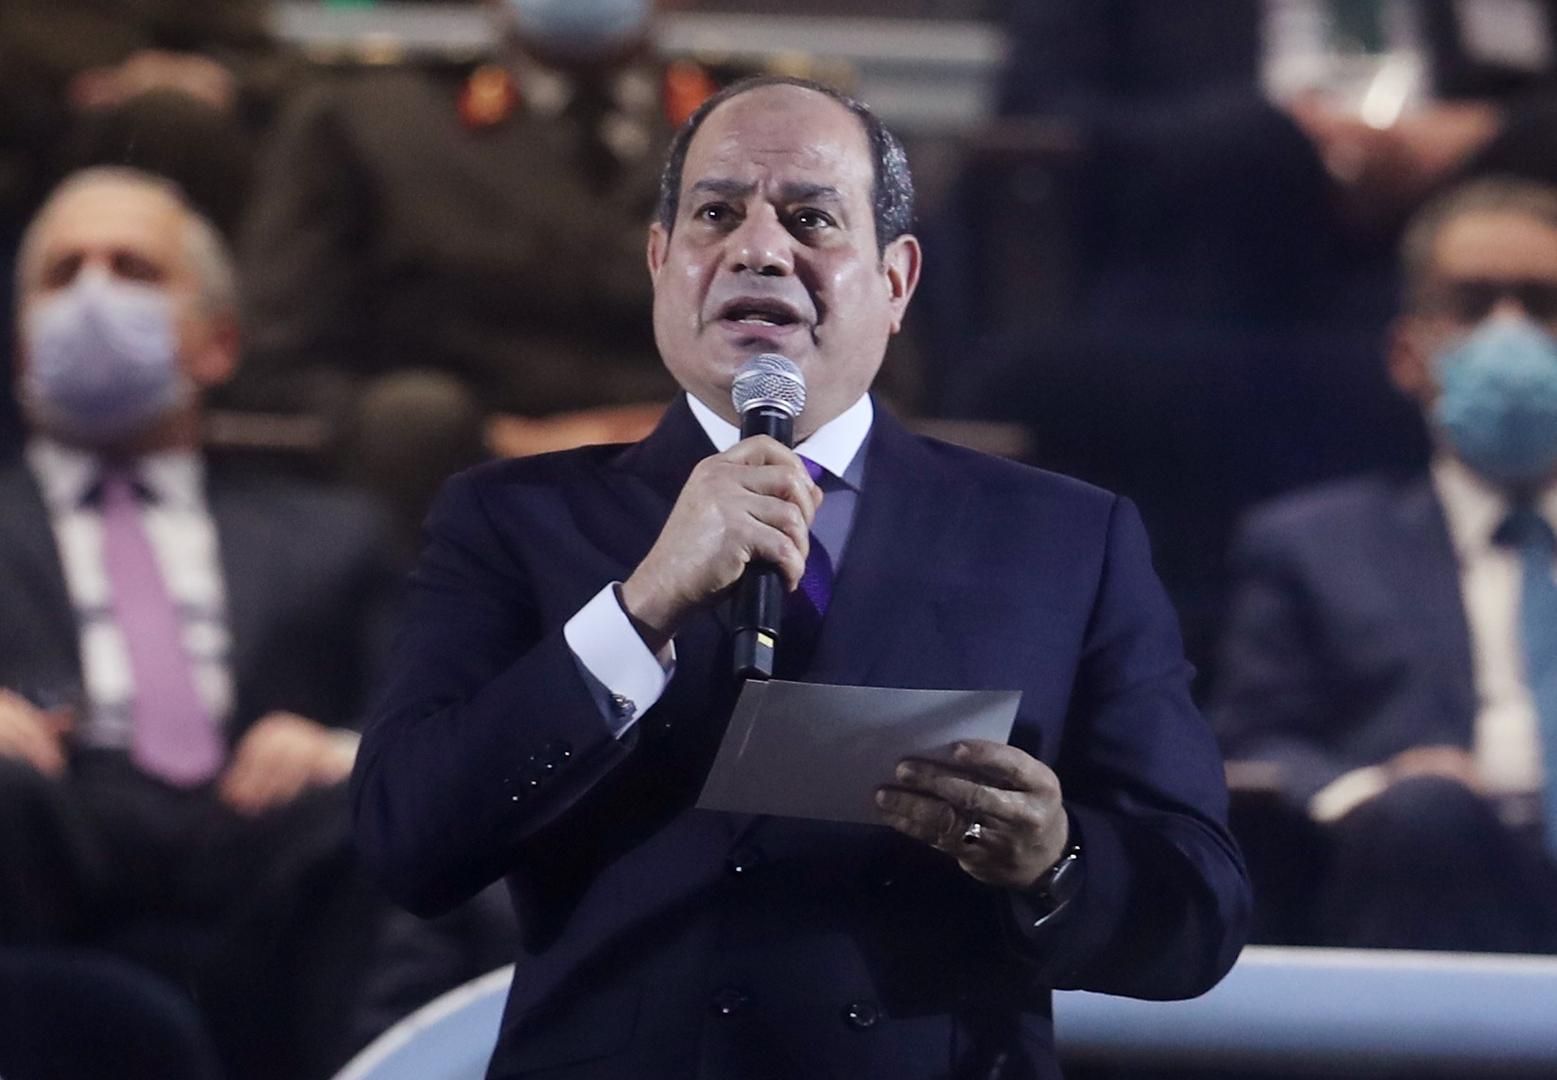 تصريحات جديدة للسيسي بخصوص تطورات الوضع الليبي (فيديو)